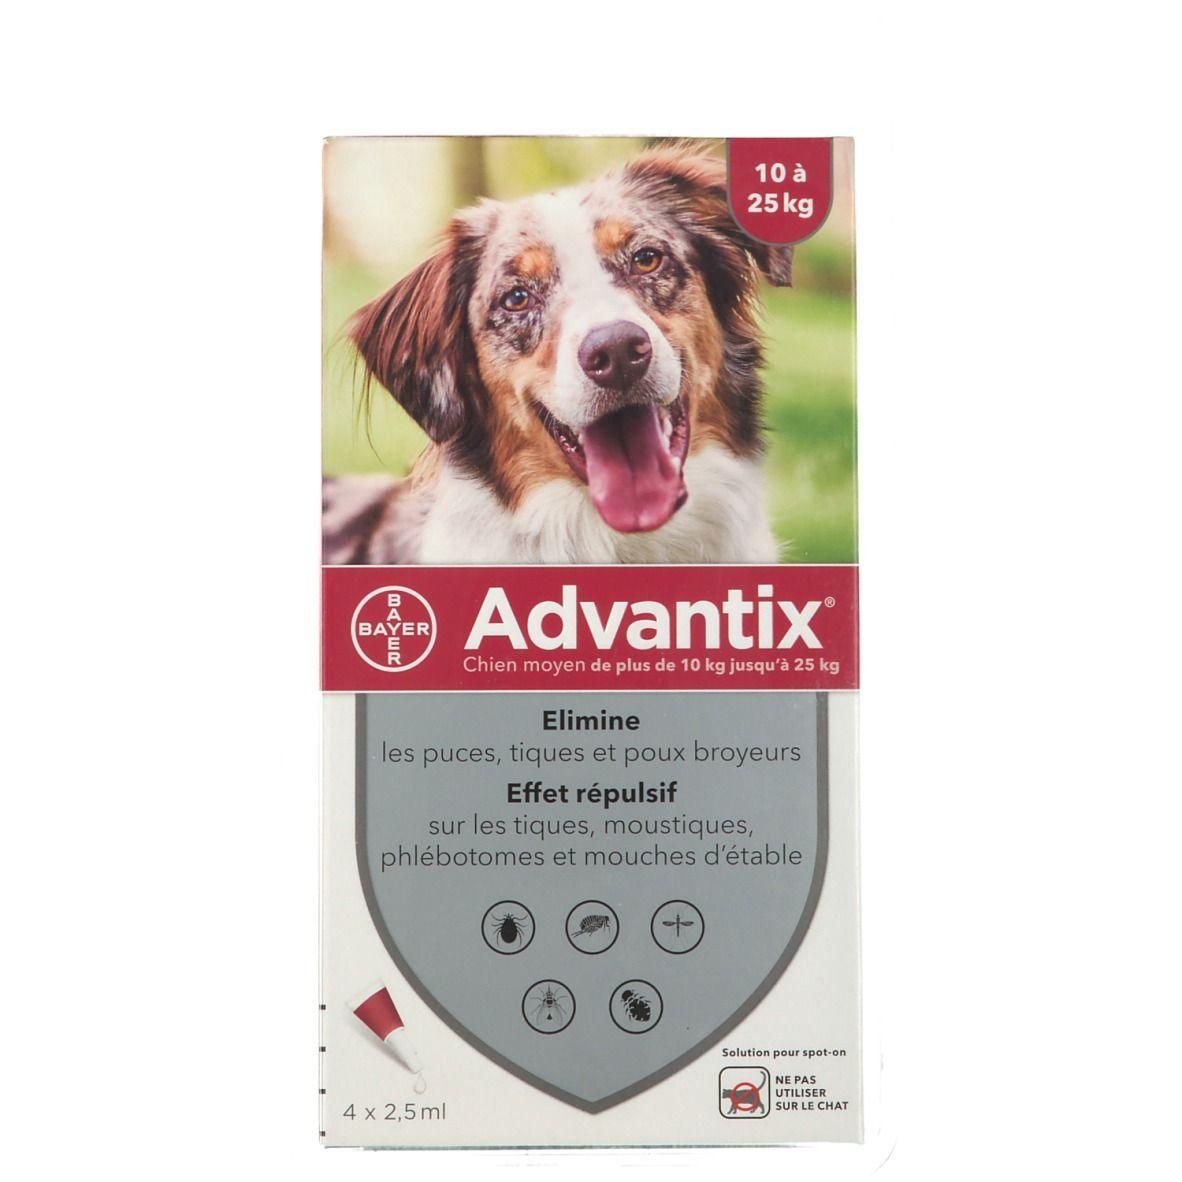 Image of Advantix Chien moyen de 10 kg - 25 kg